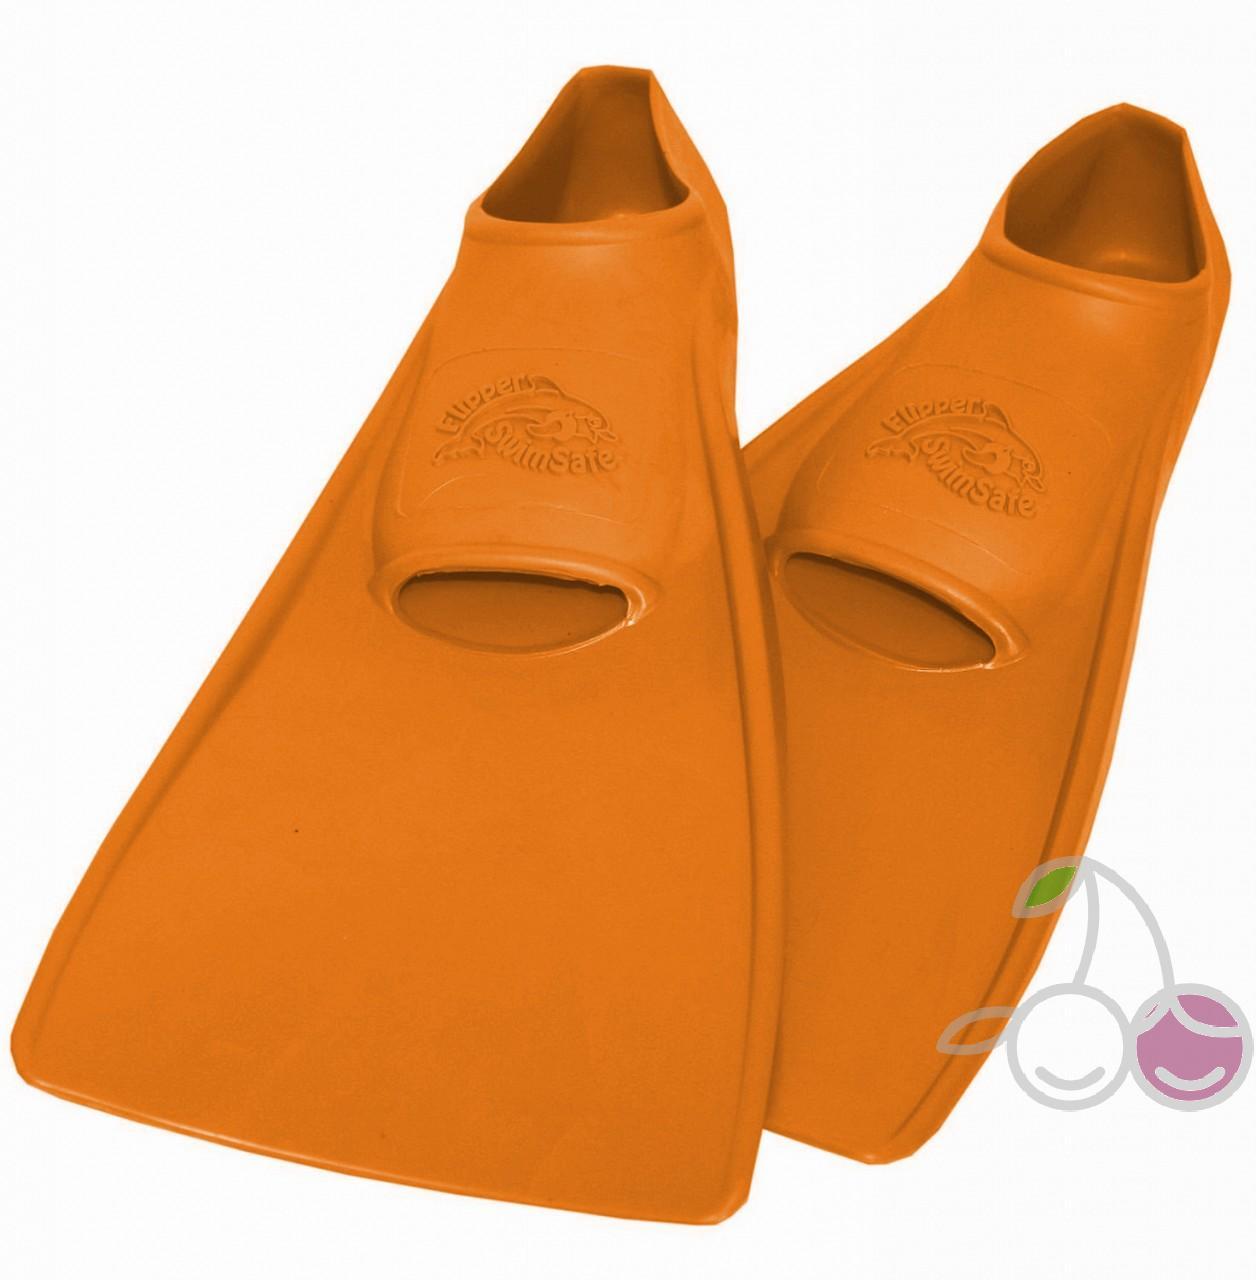 Ласты для бассейна резиновые детские размеры 30-33 оранжевые СВИМСЕЙФ (SwimSafe) Германия, - фото 1